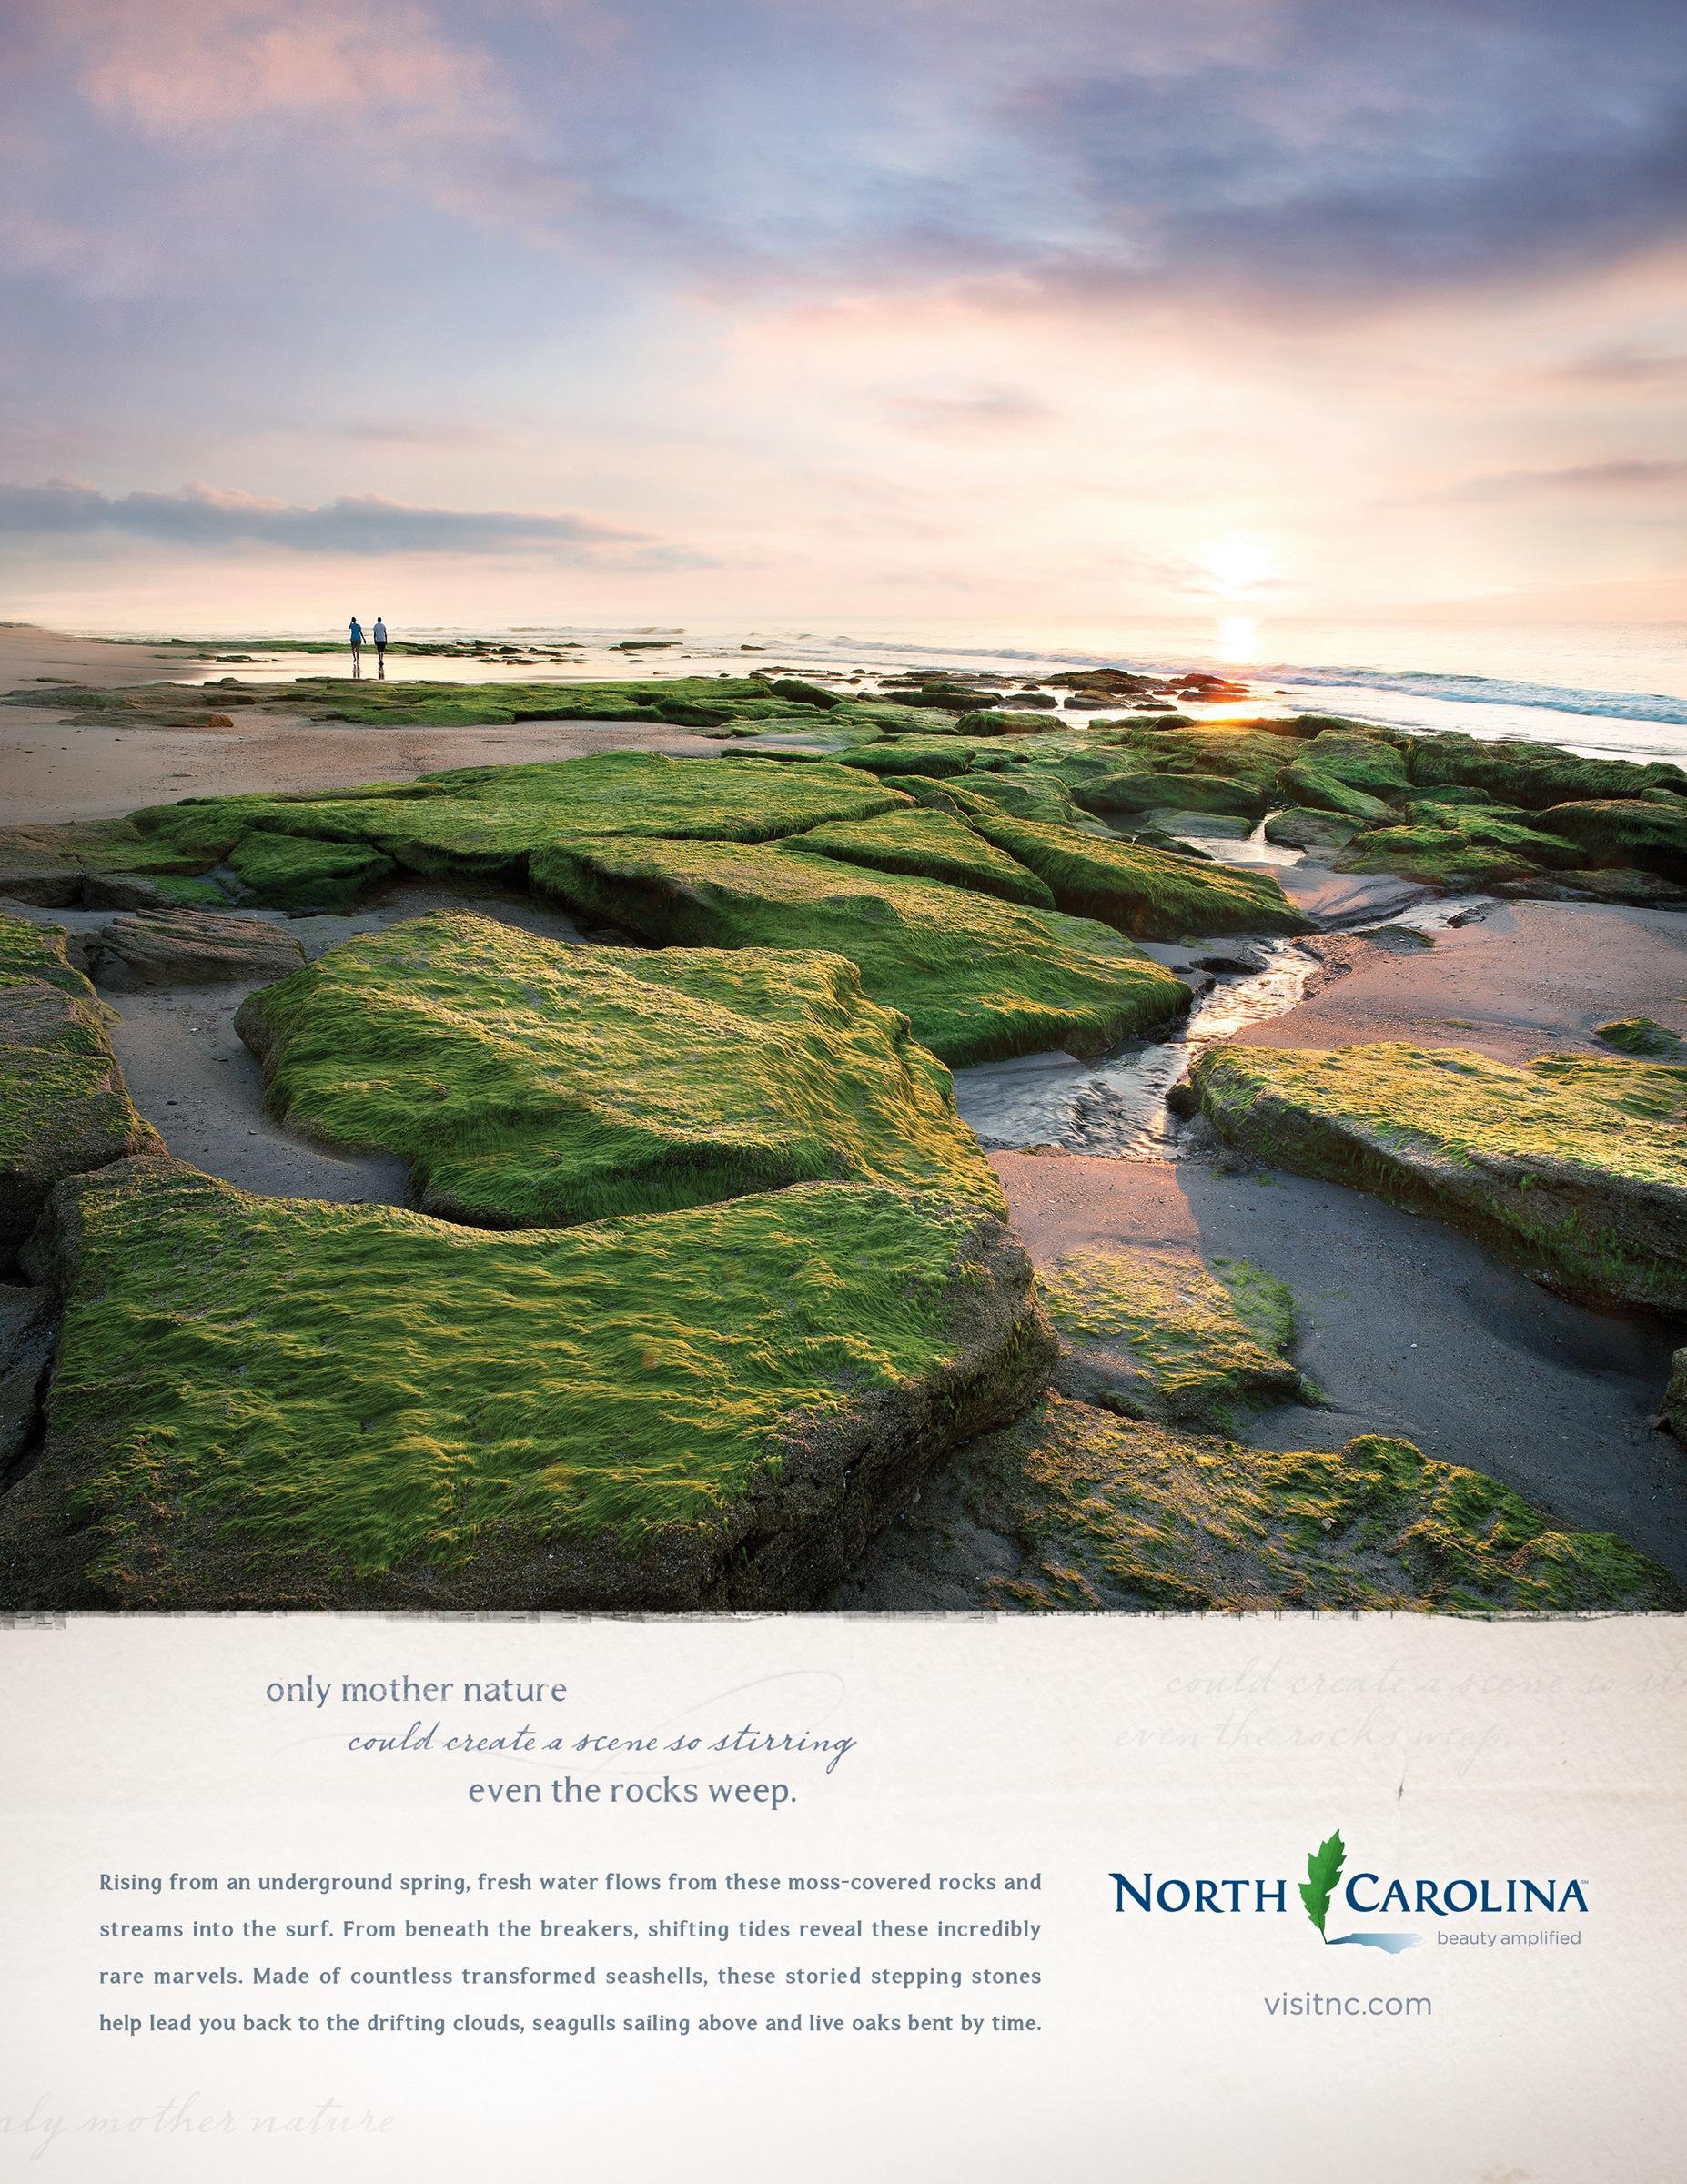 Visit North Carolina Print Ad -  Beauty Amplified, 3